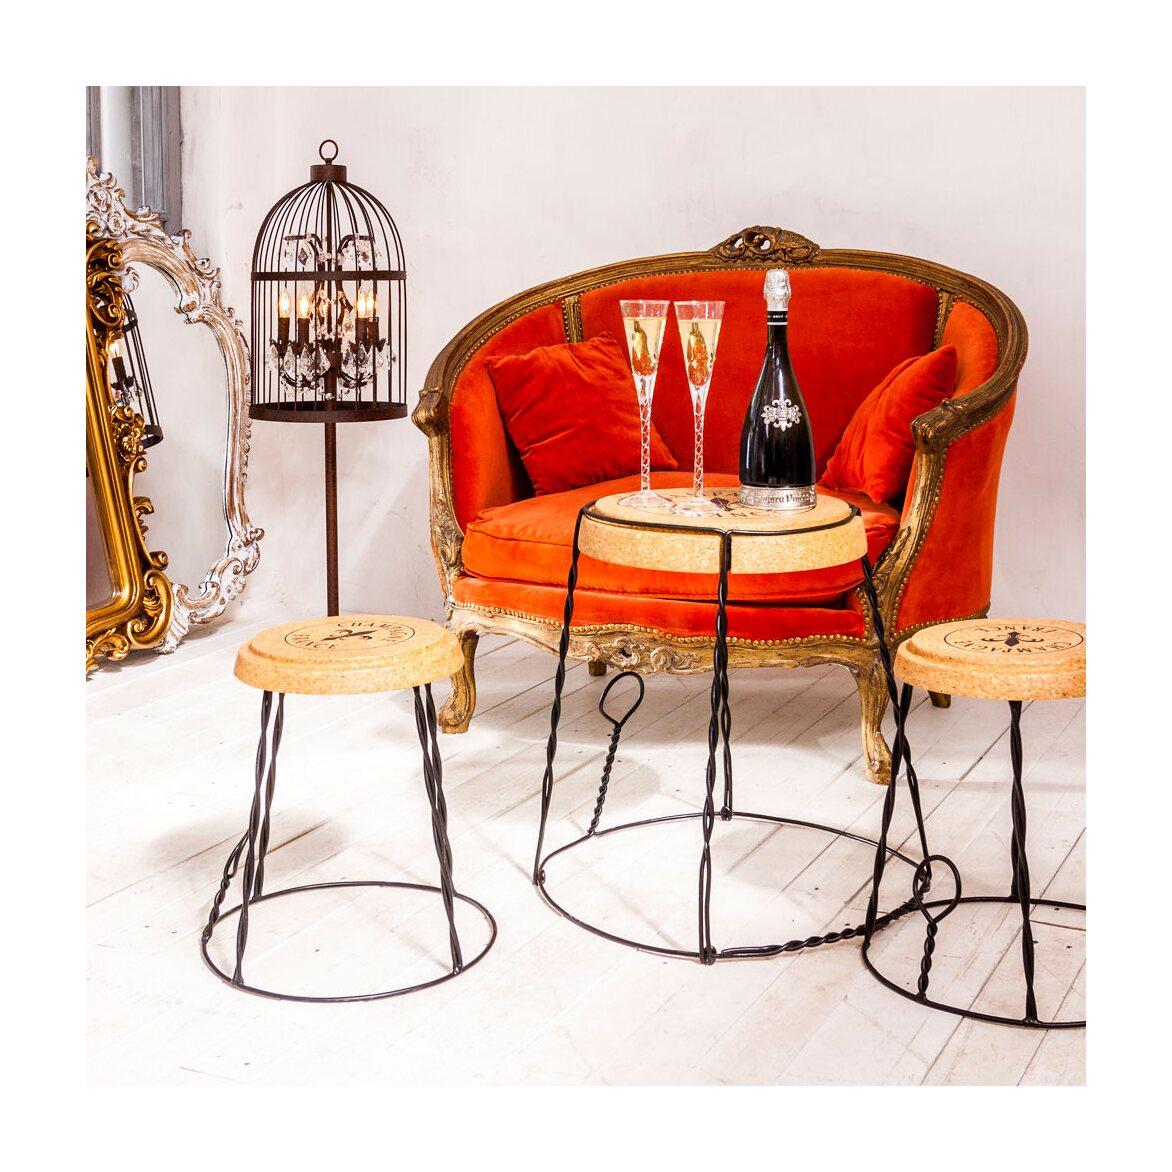 Столик «Champagne France», версия L 11 | Кофейные столики Kingsby